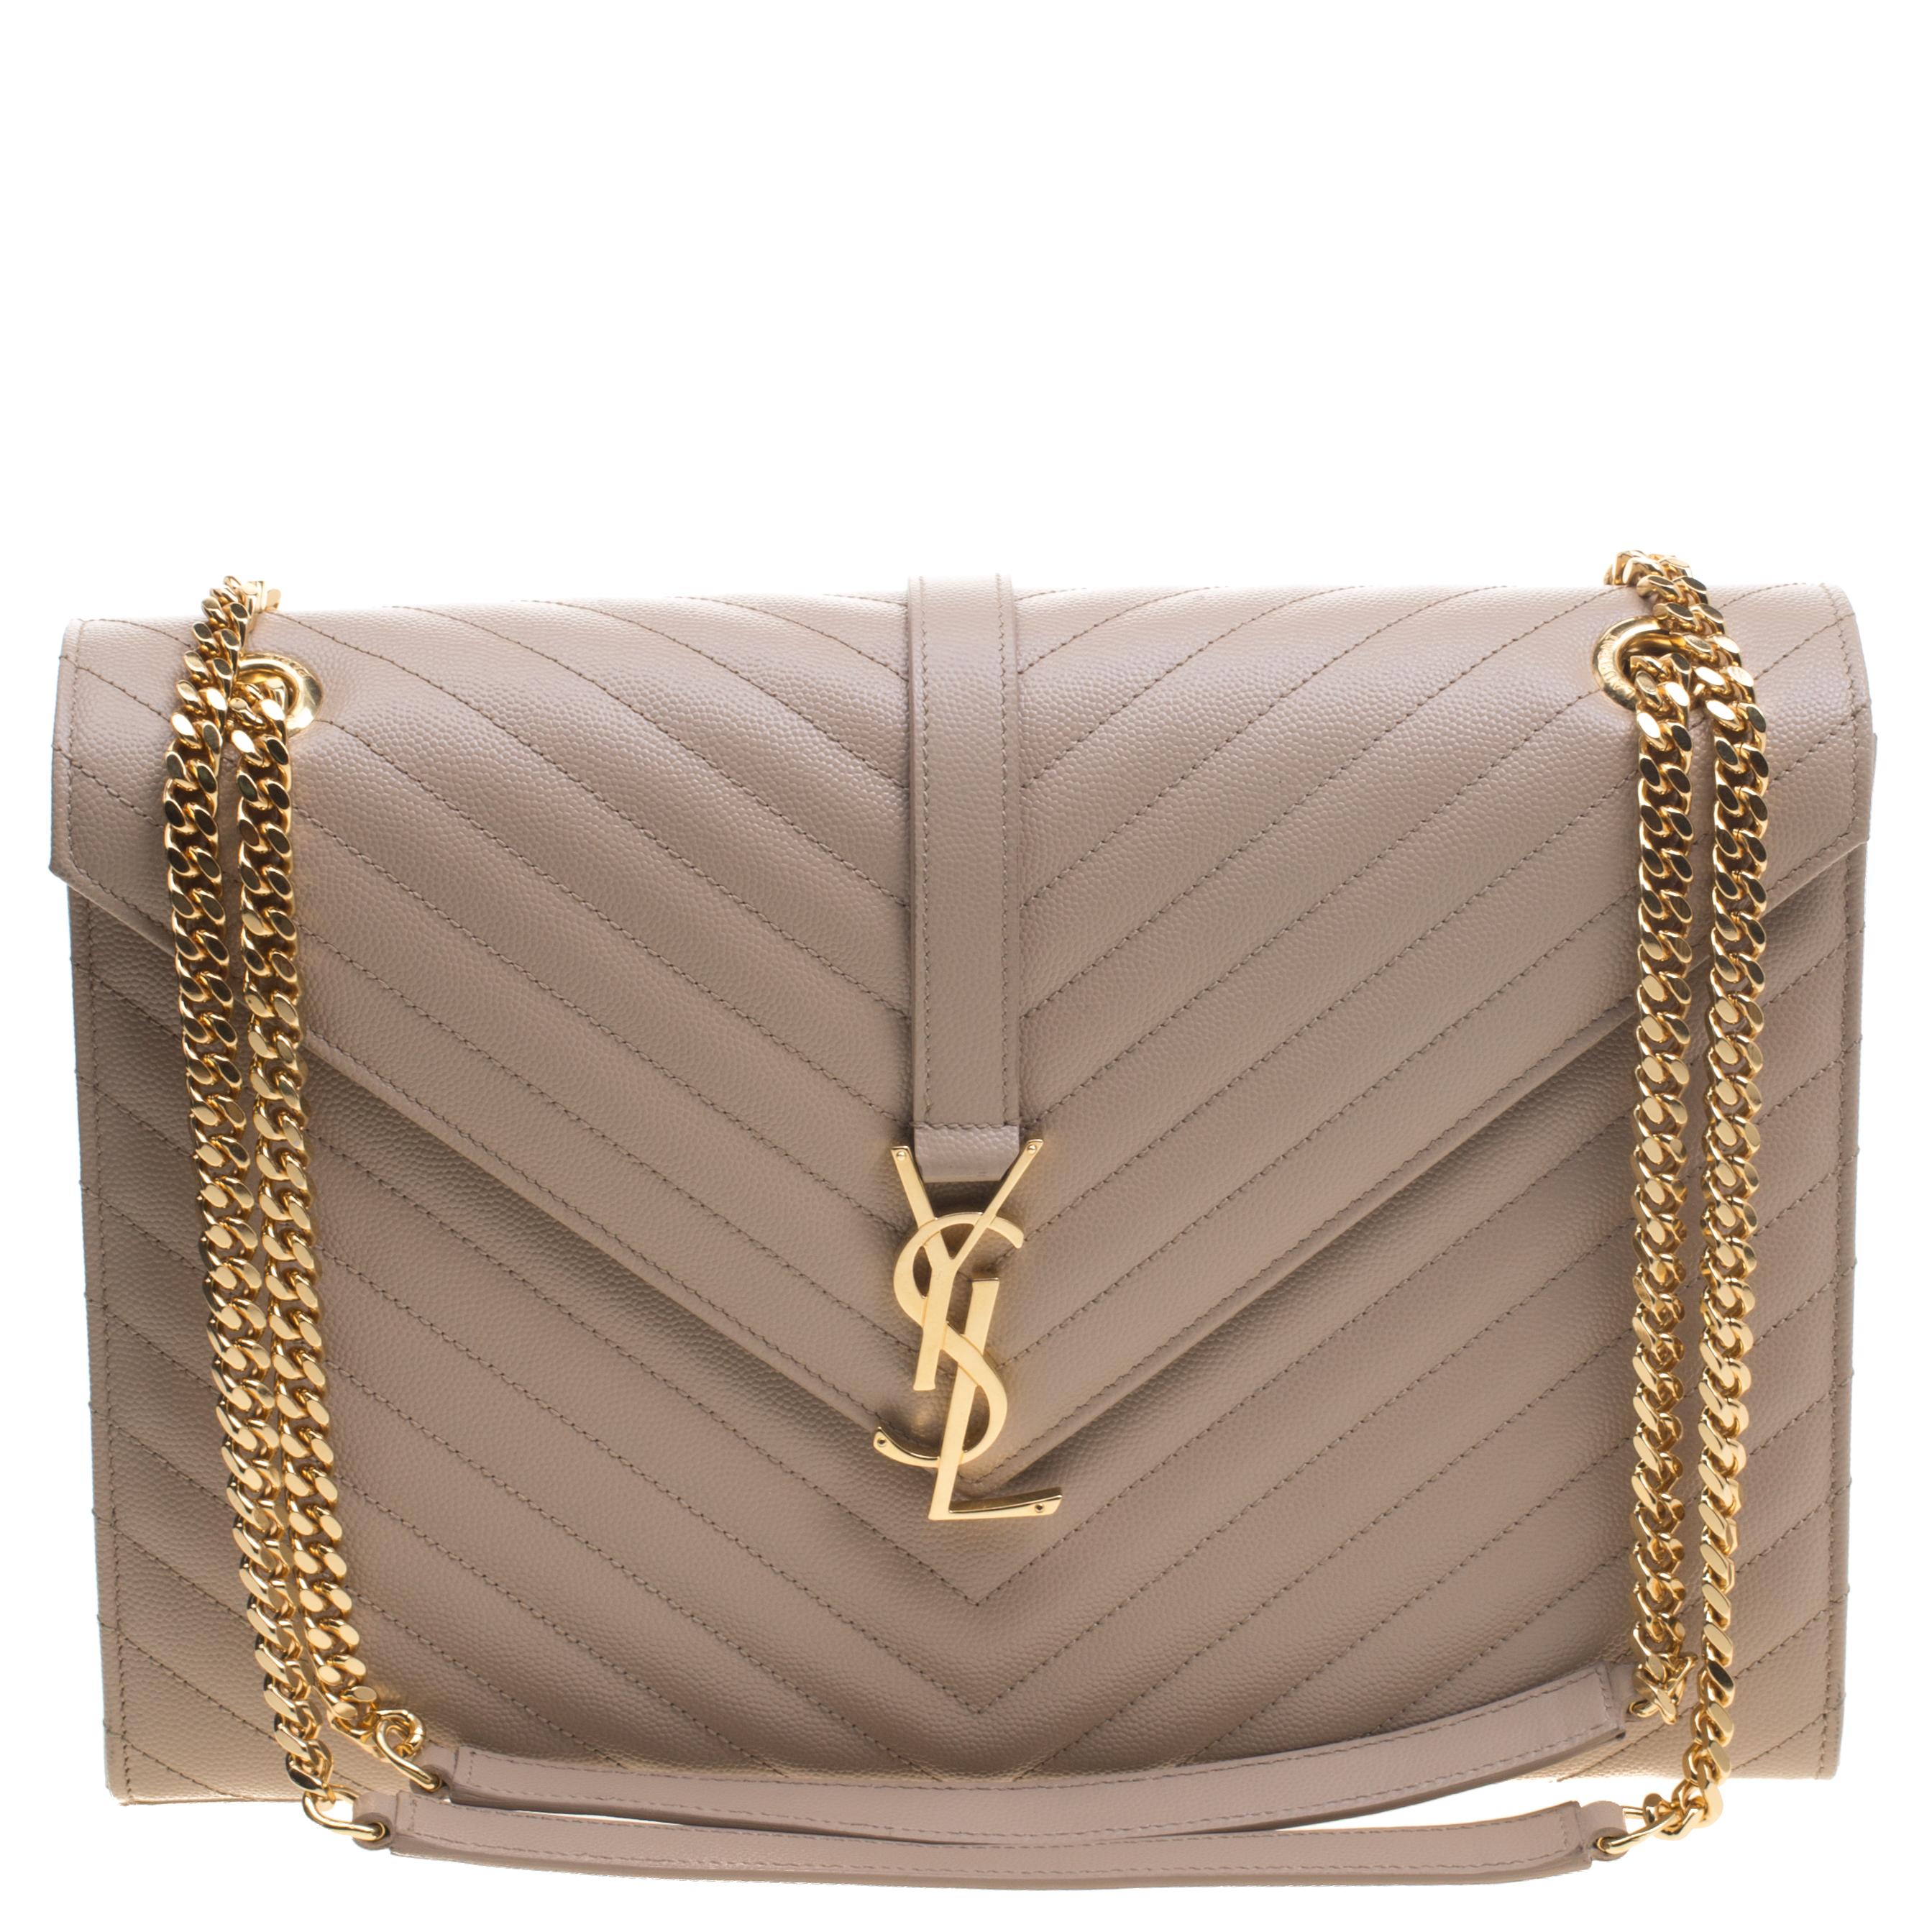 581bf7f99cd Buy Saint Laurent Paris Beige Matelasse Leather Large Cassandre Flap ...